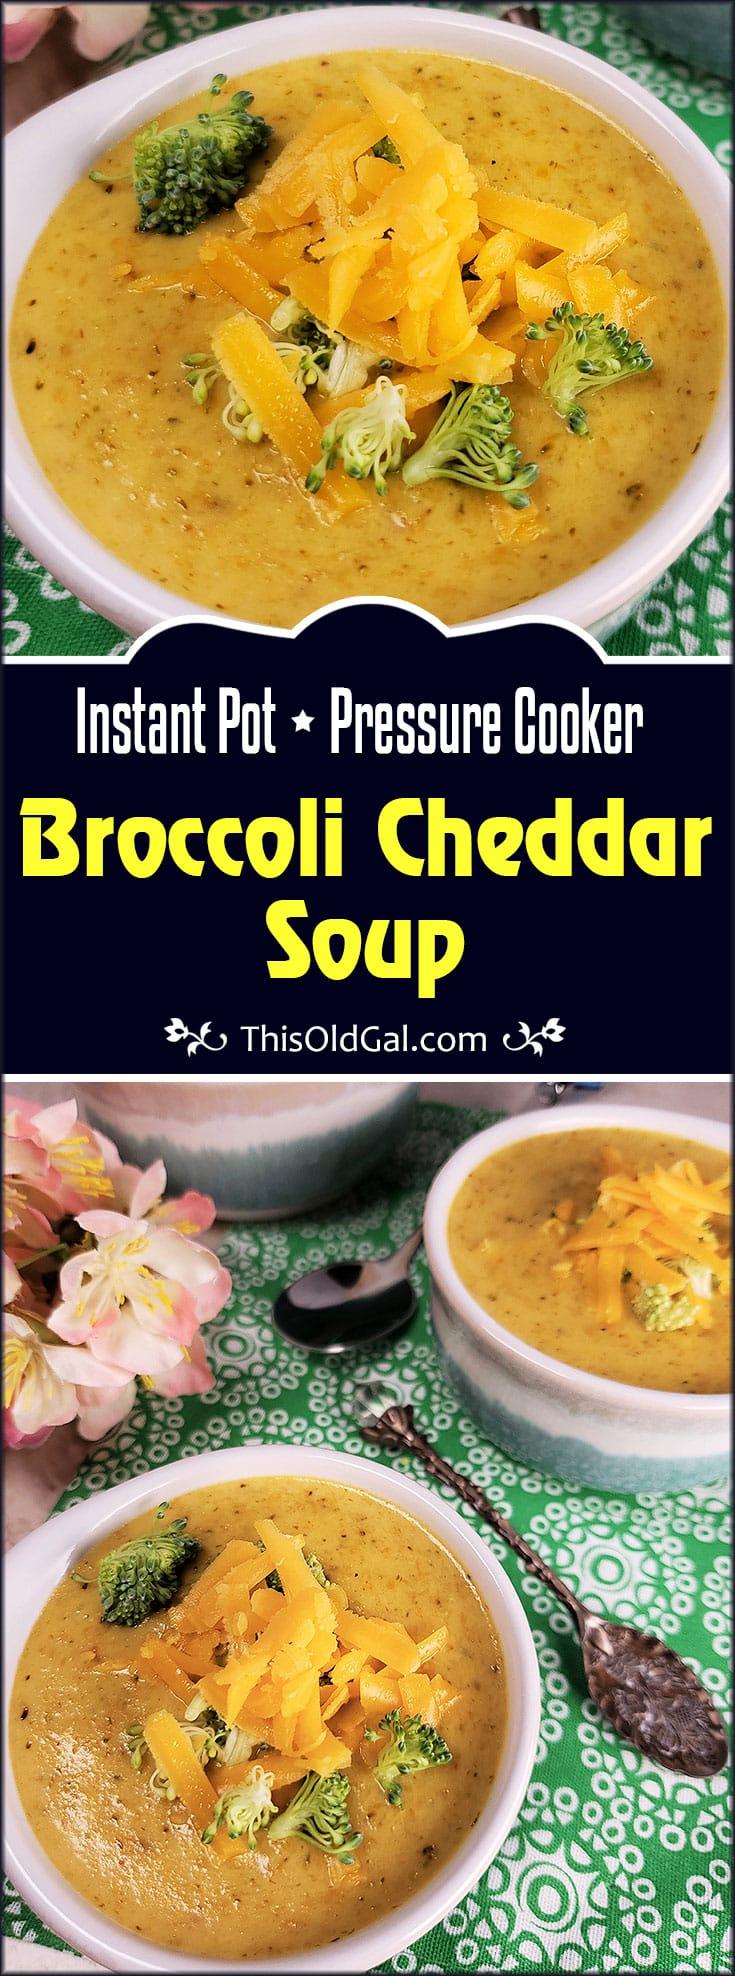 Panera Bread copycat Broccoli Cheddar Soup